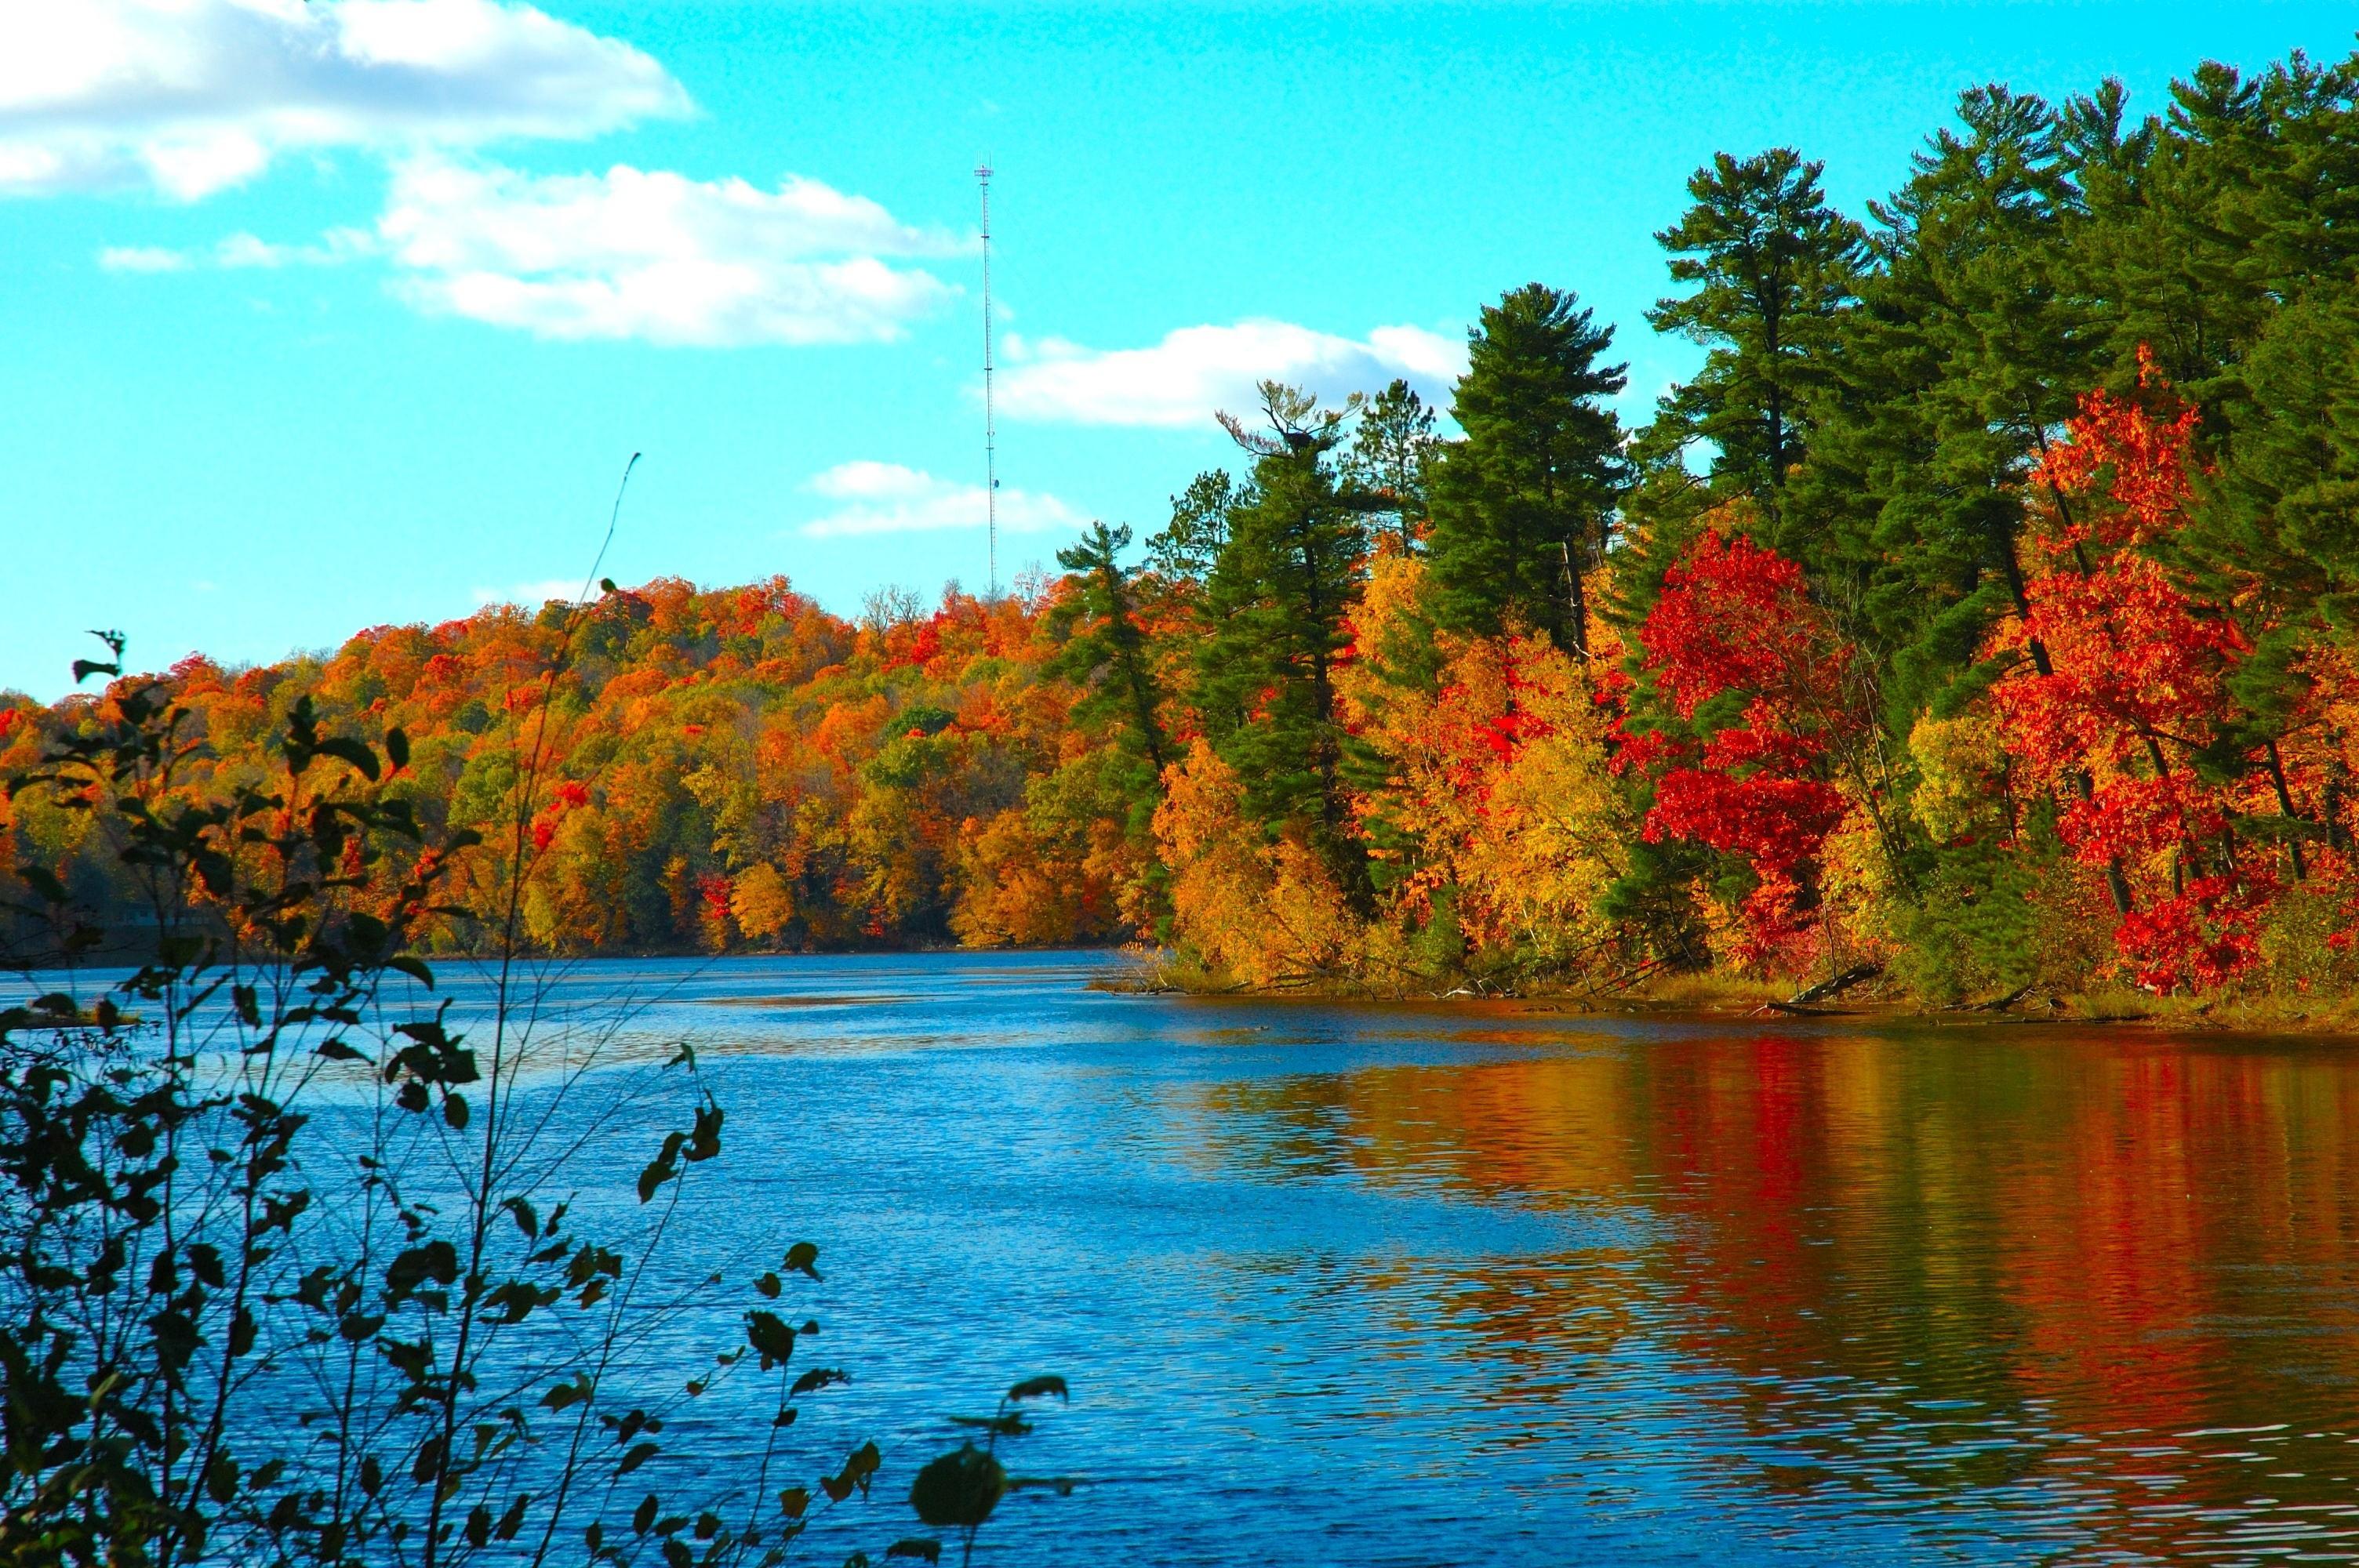 вода озеро осень water the lake autumn  № 1155956 бесплатно